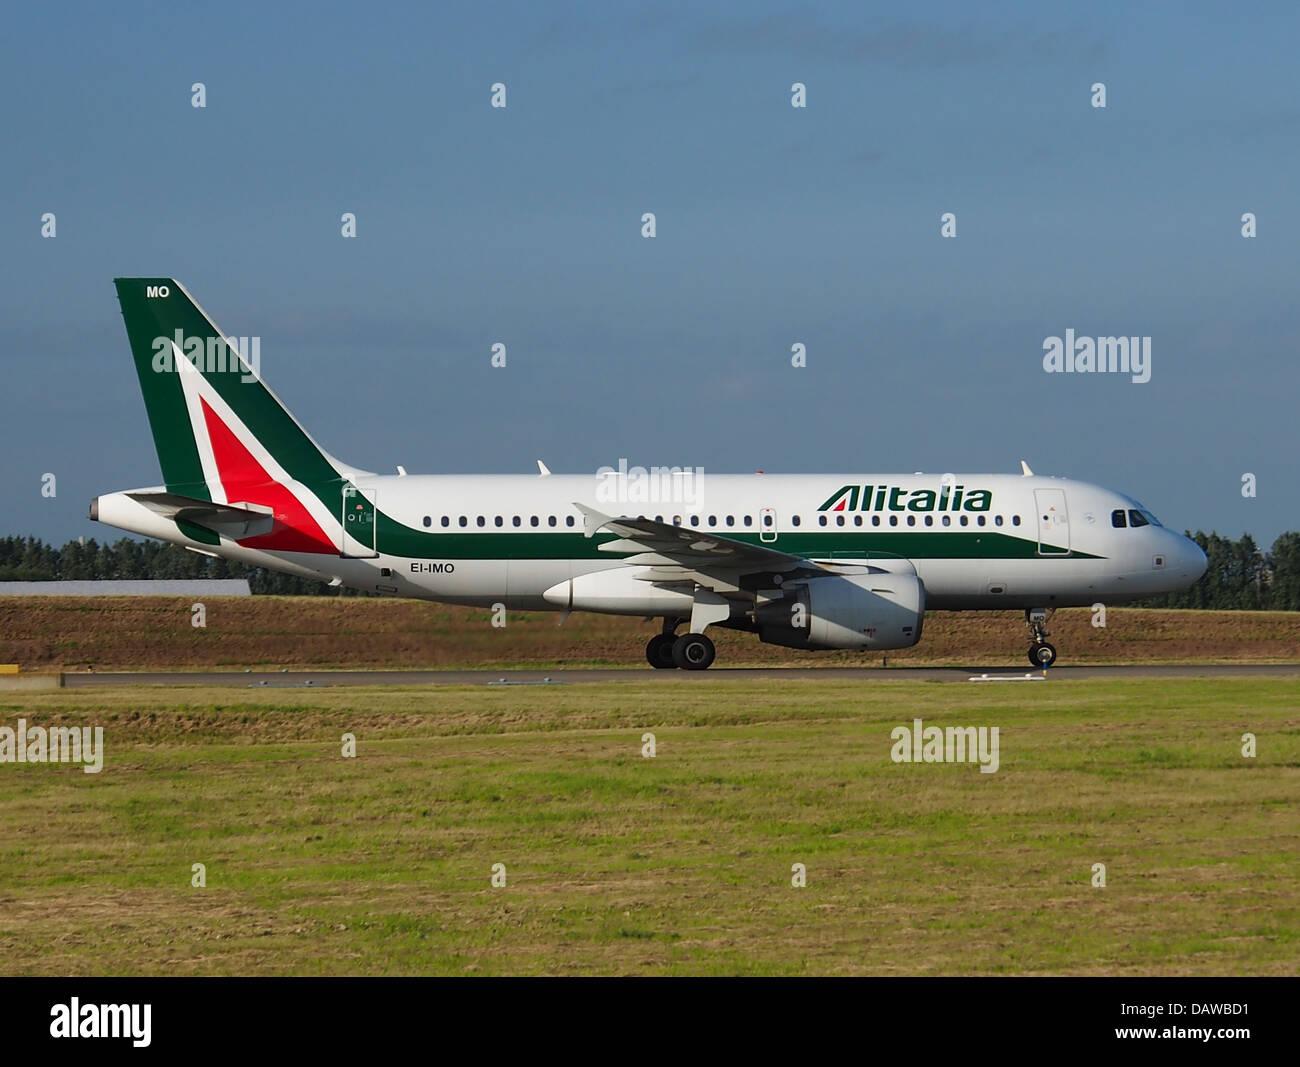 EI-IMO Alitalia Airbus A319-112 - cn 1770 Stock Photo